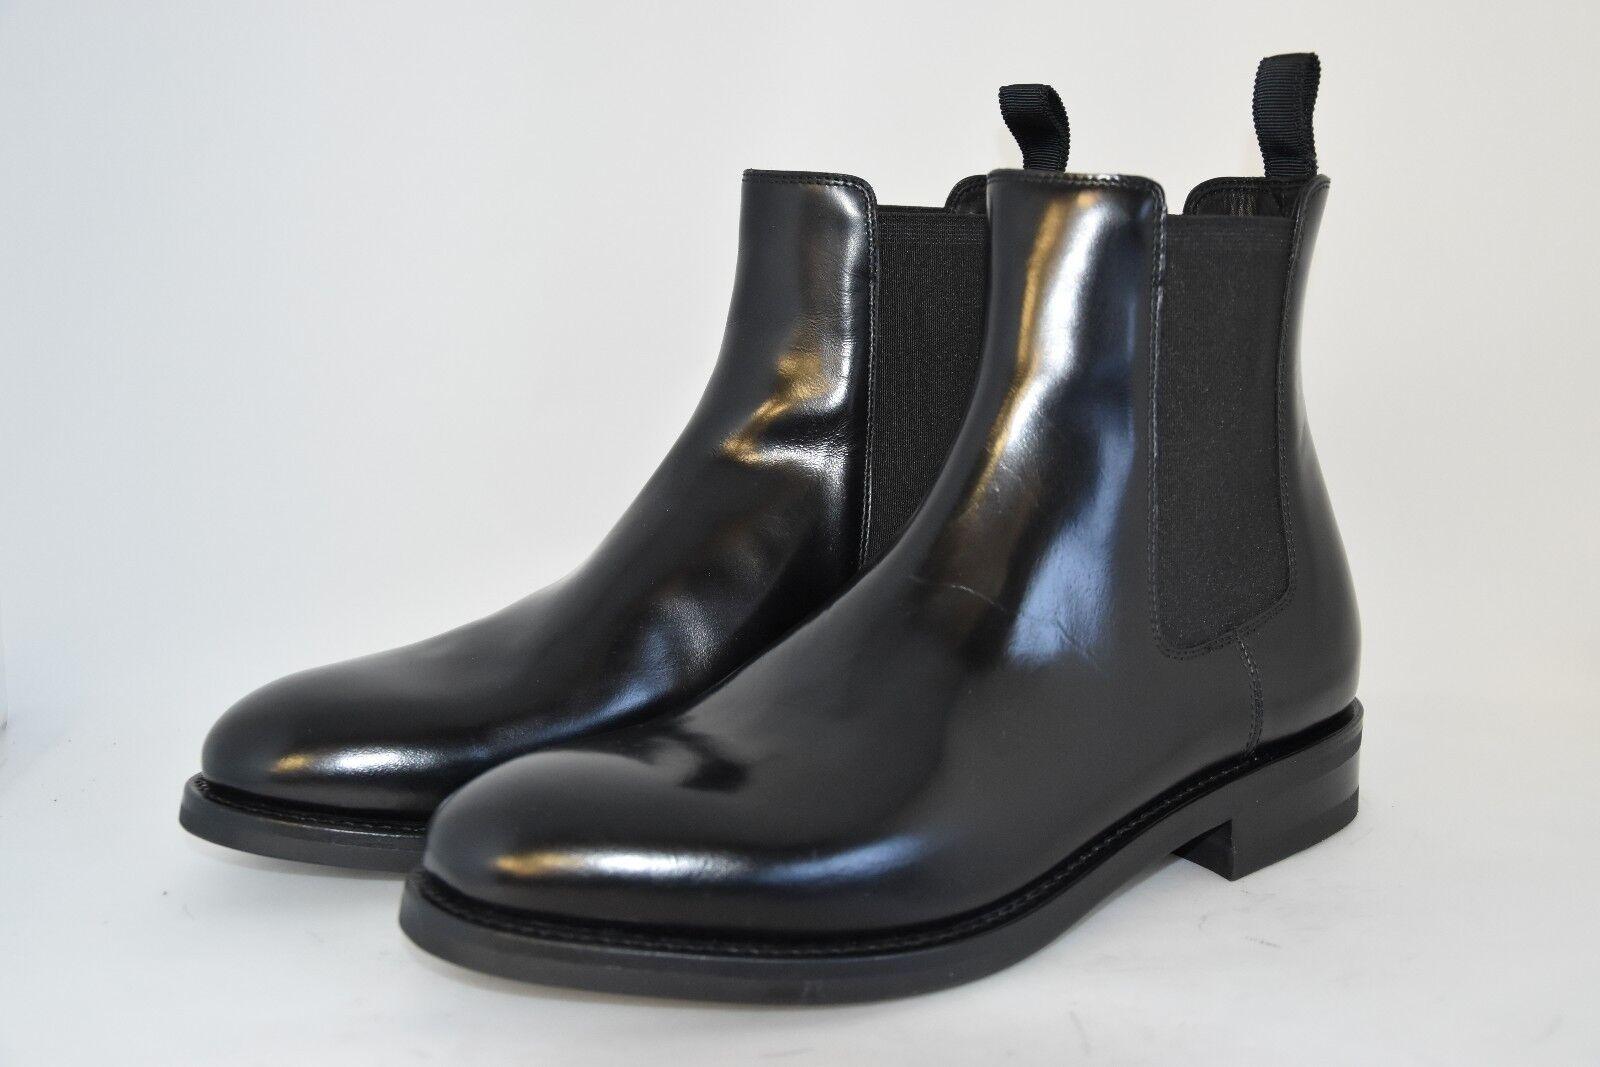 MEN-7eu-8usa-CHELSEA BOOT-STIVALE-SHINE BLACK CALF- VITELLO black-VIBRAM SOLE